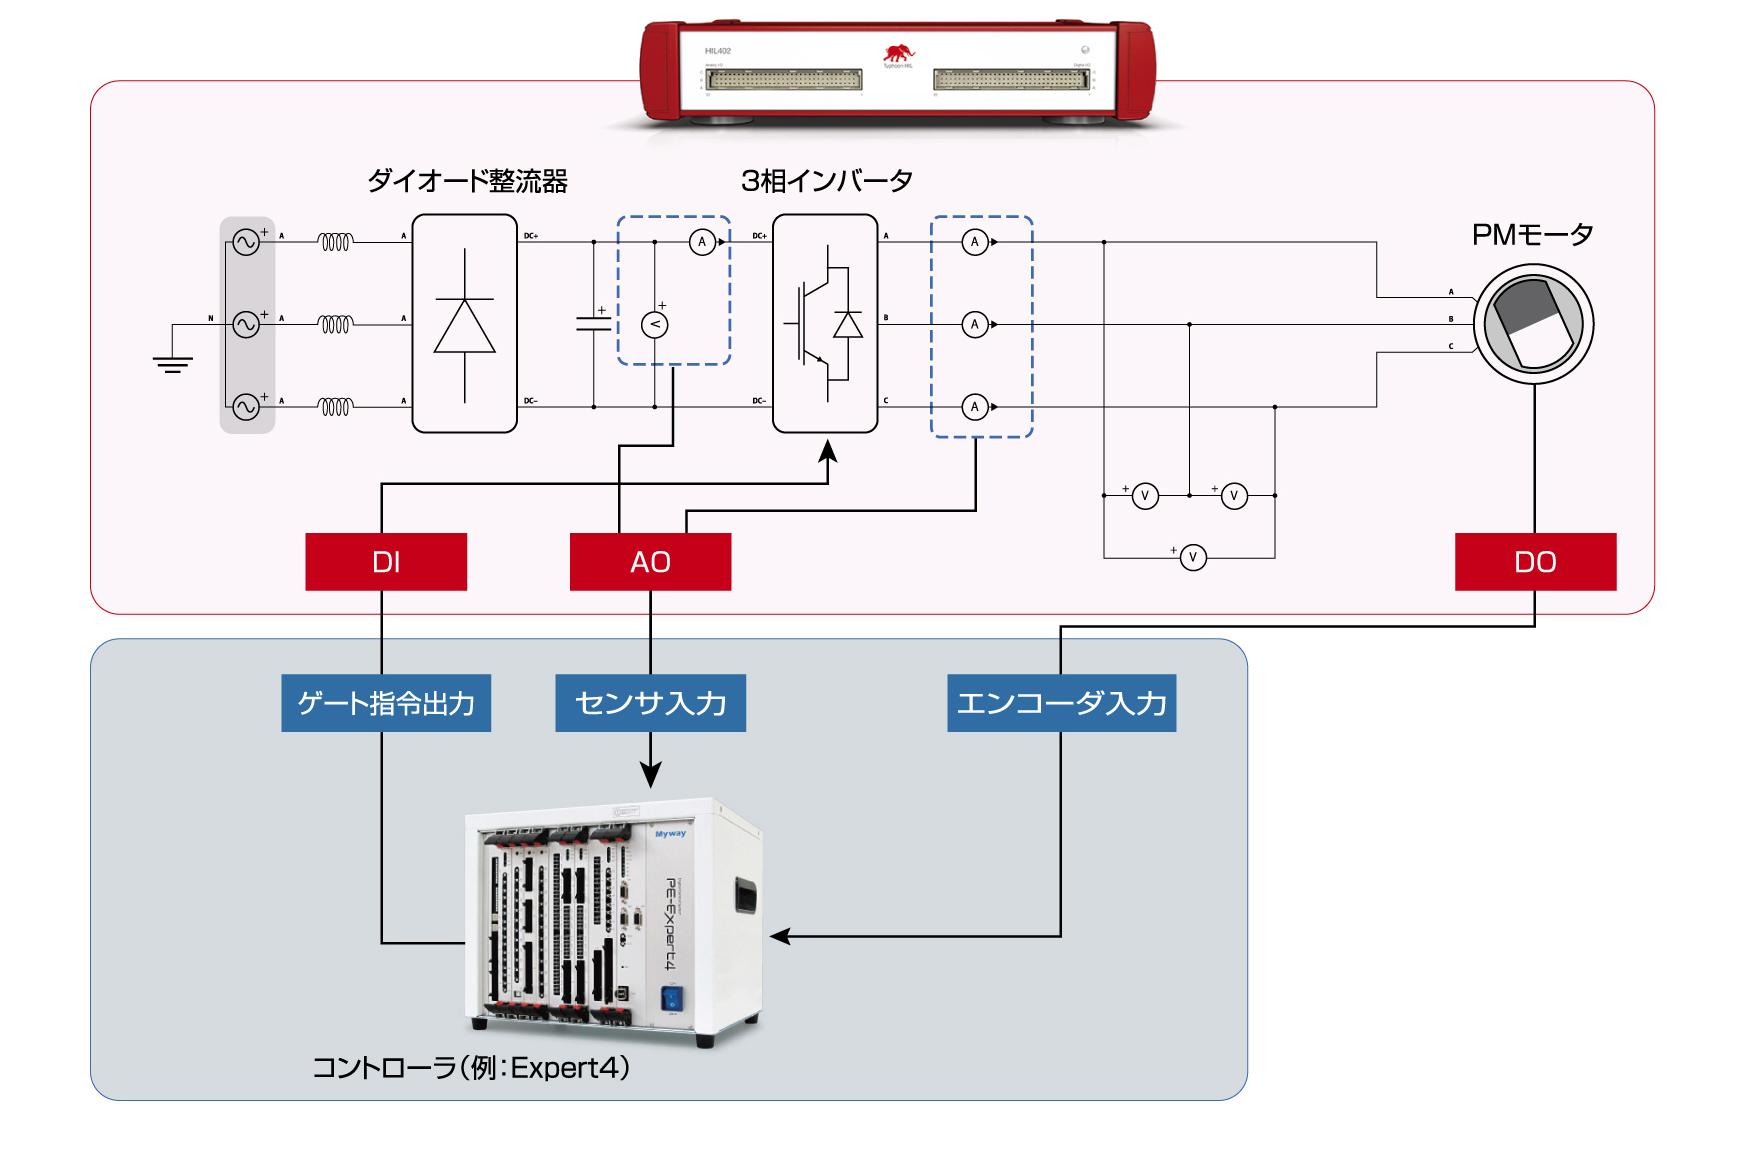 アプリケーション接続イメージ② PMモータ駆動インバータ